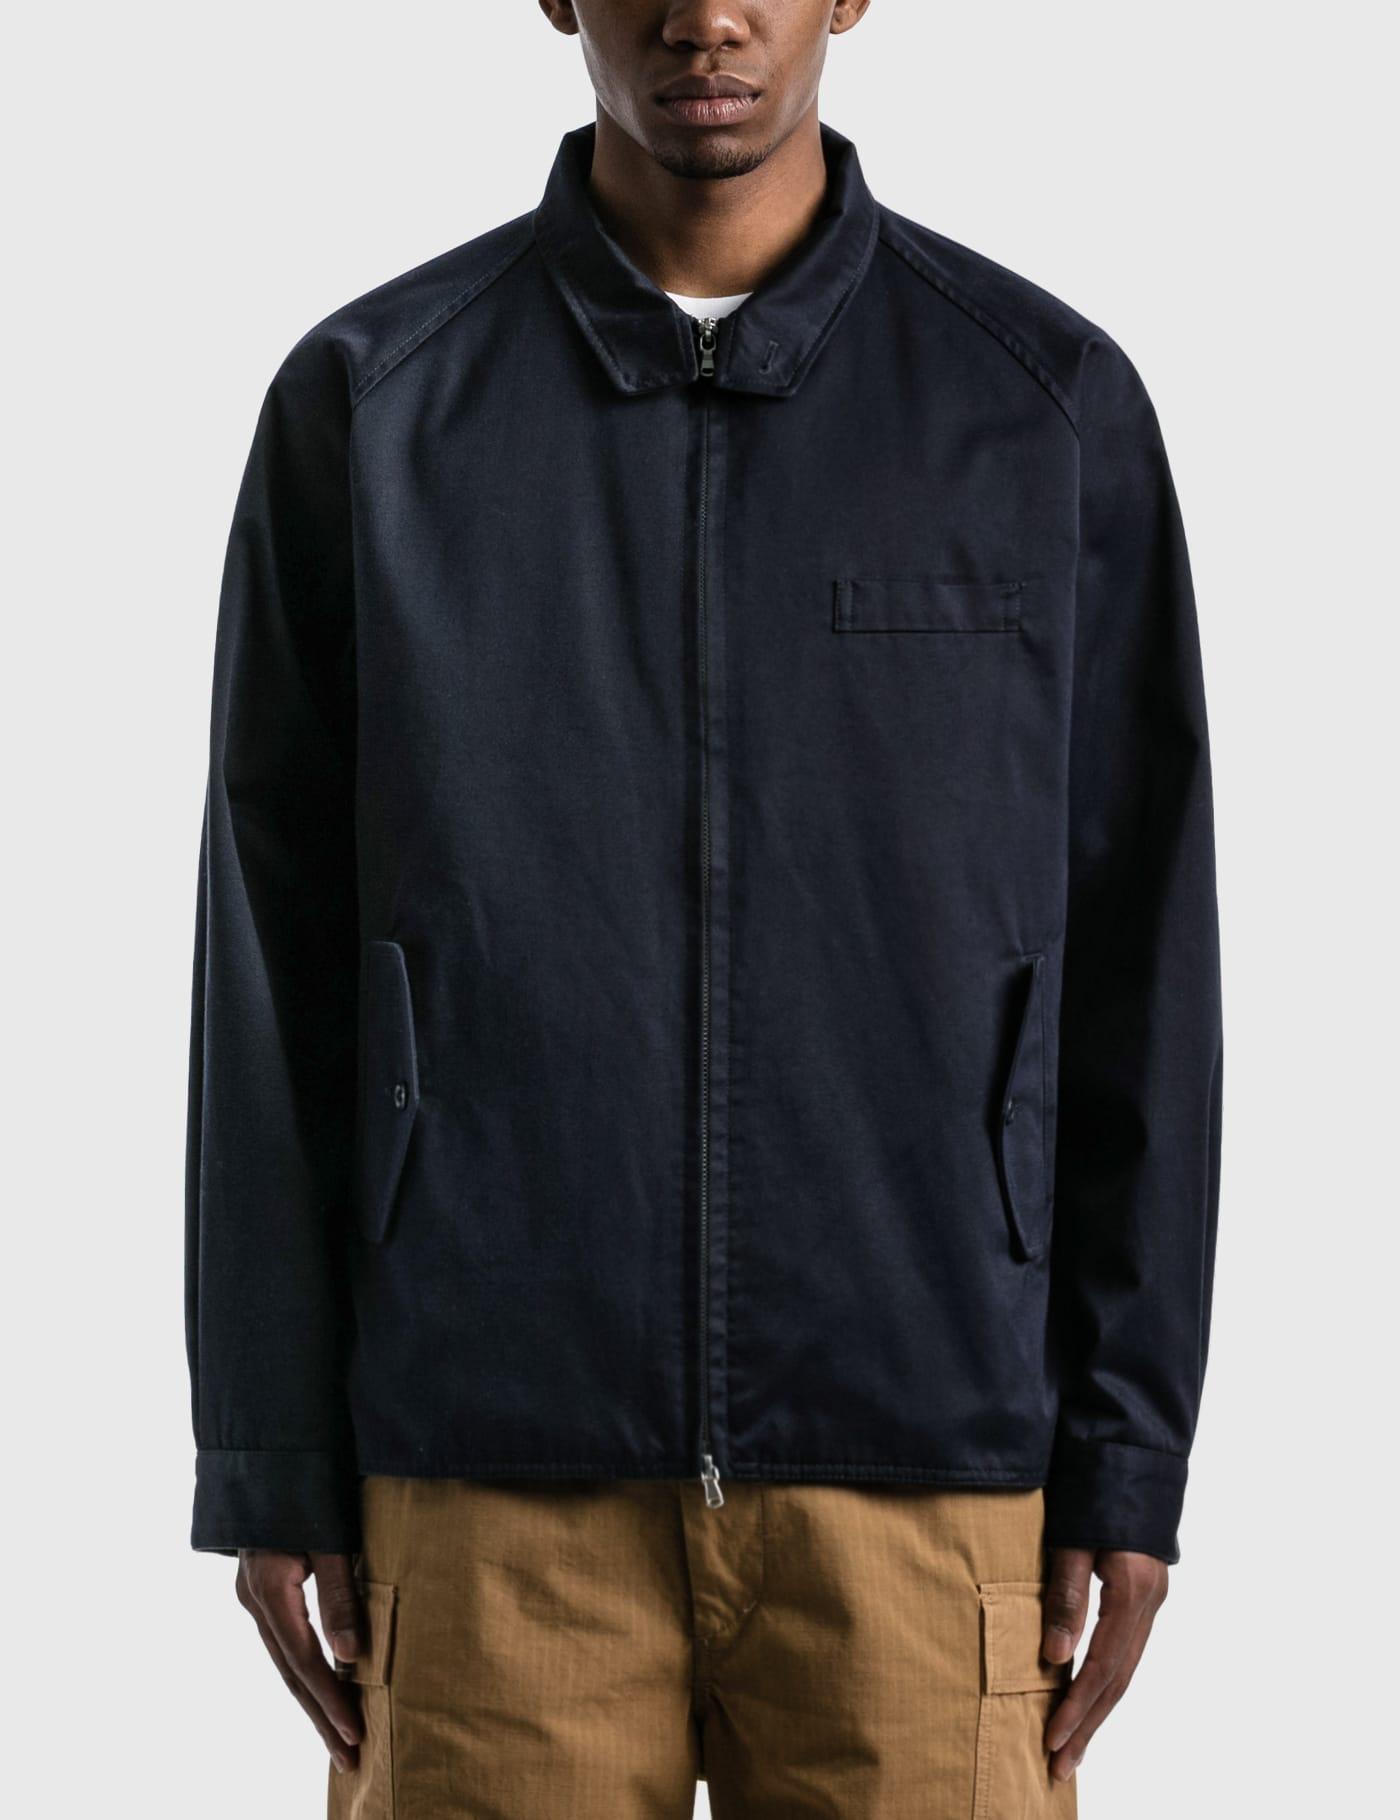 Chino Crew Jacket